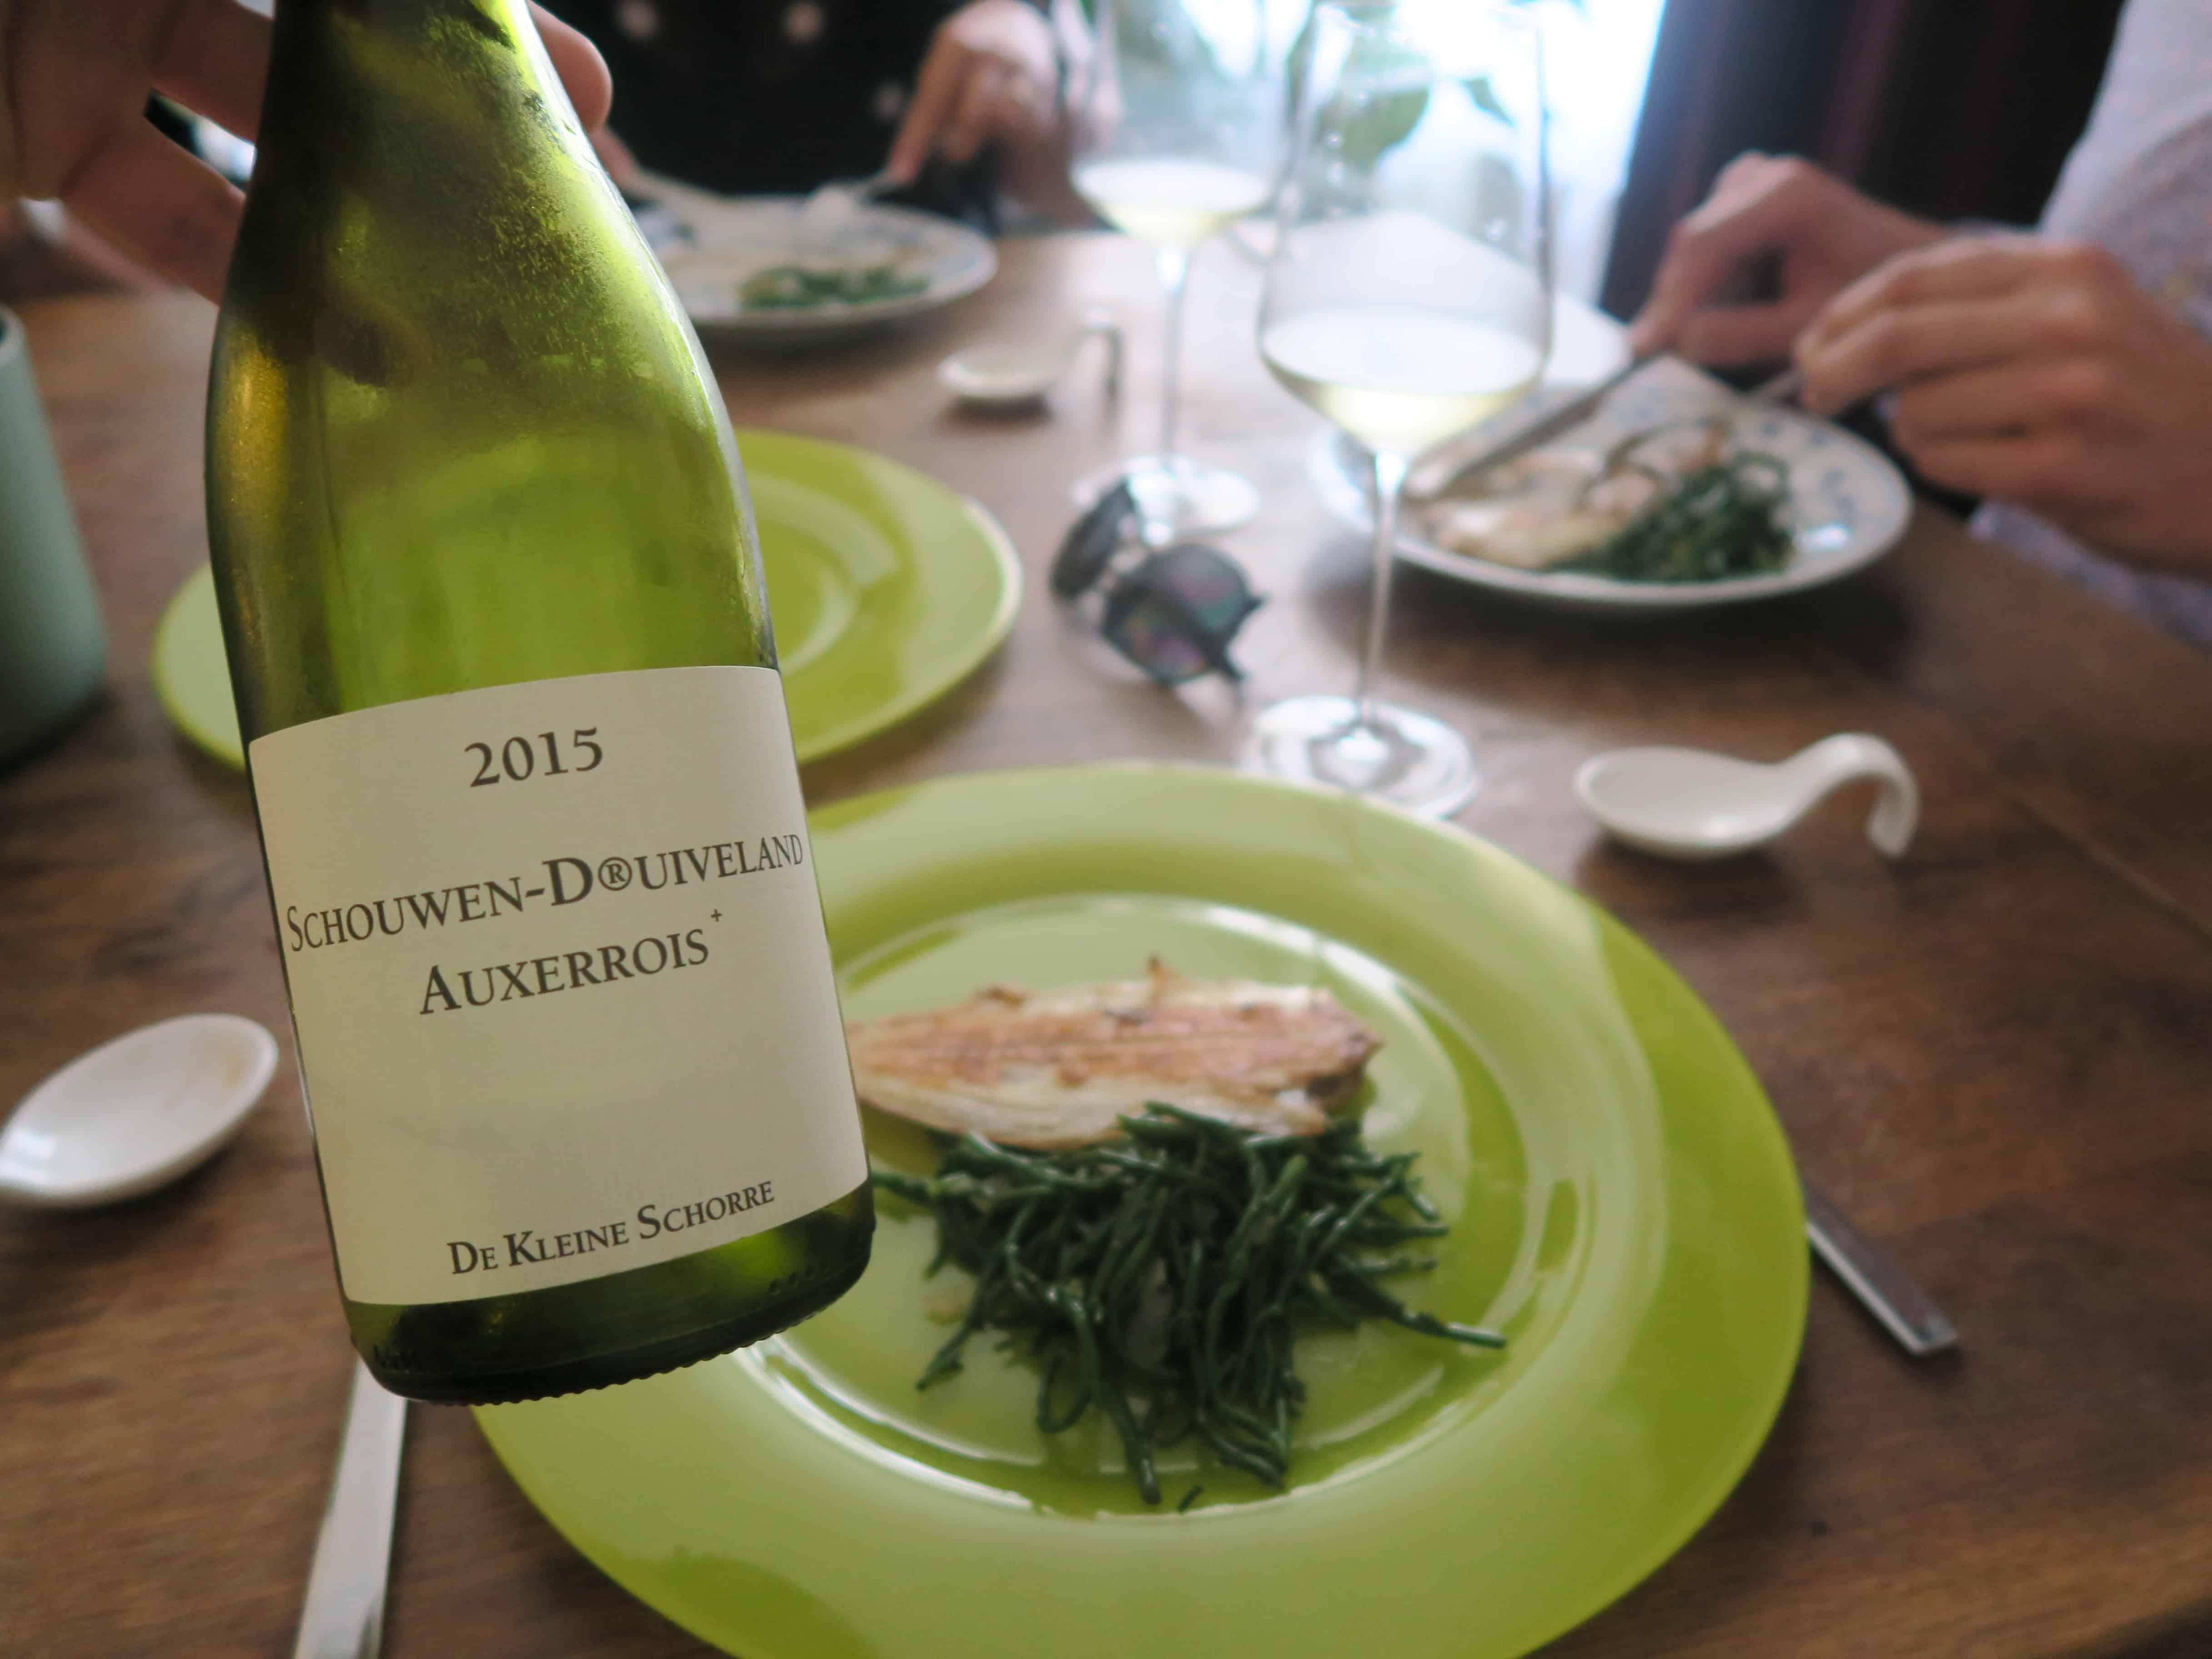 4x Zeeuwse wijn met Zeeuwse gerechten